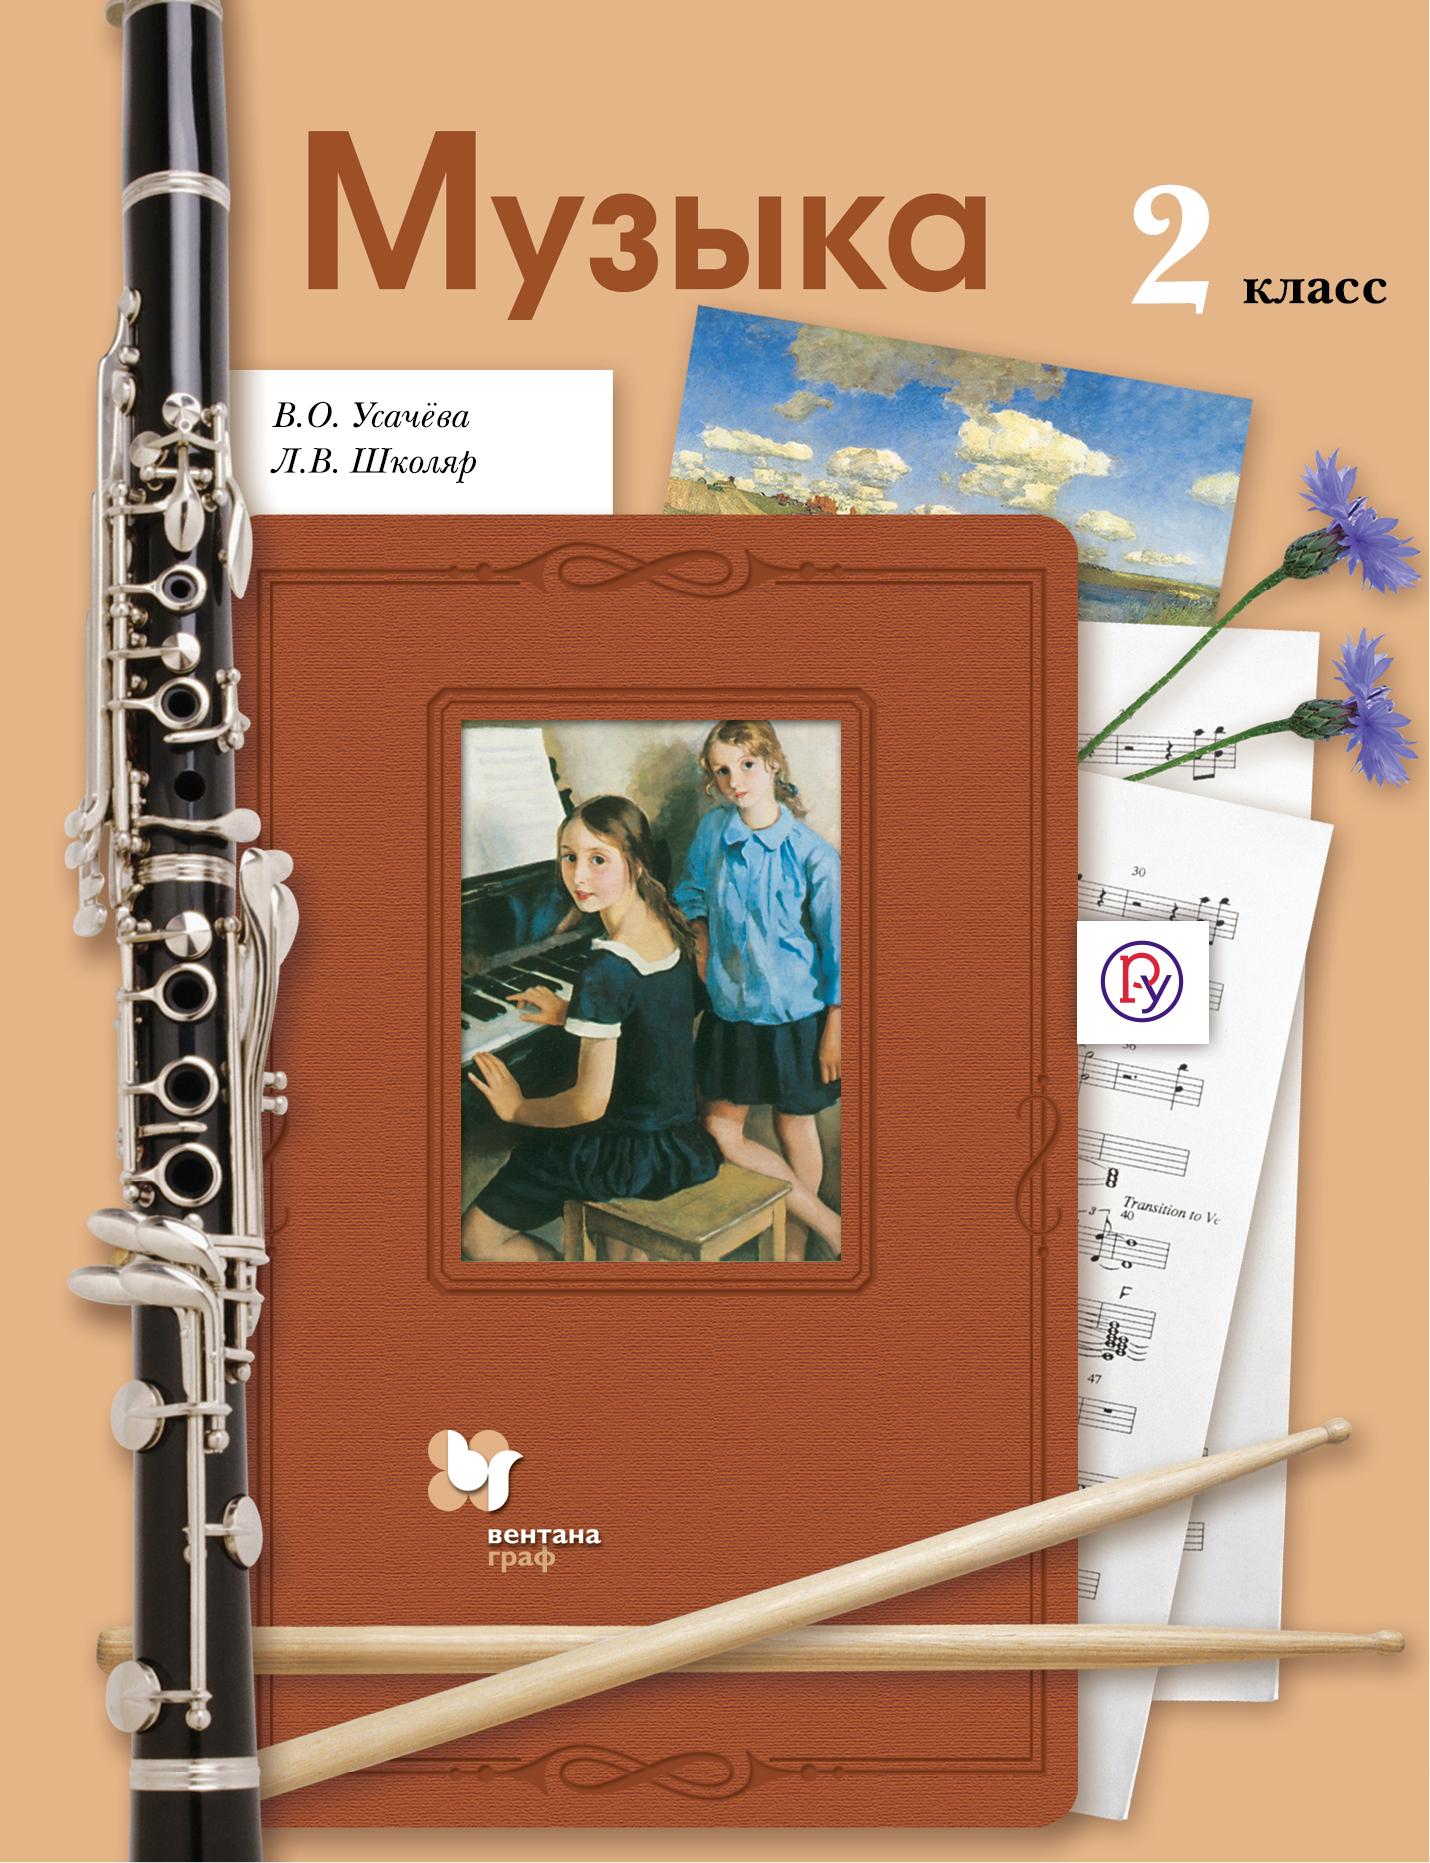 Л. В. Школяр Музыка. 2 класс макдональд г как упорядочить свой внутренний мир